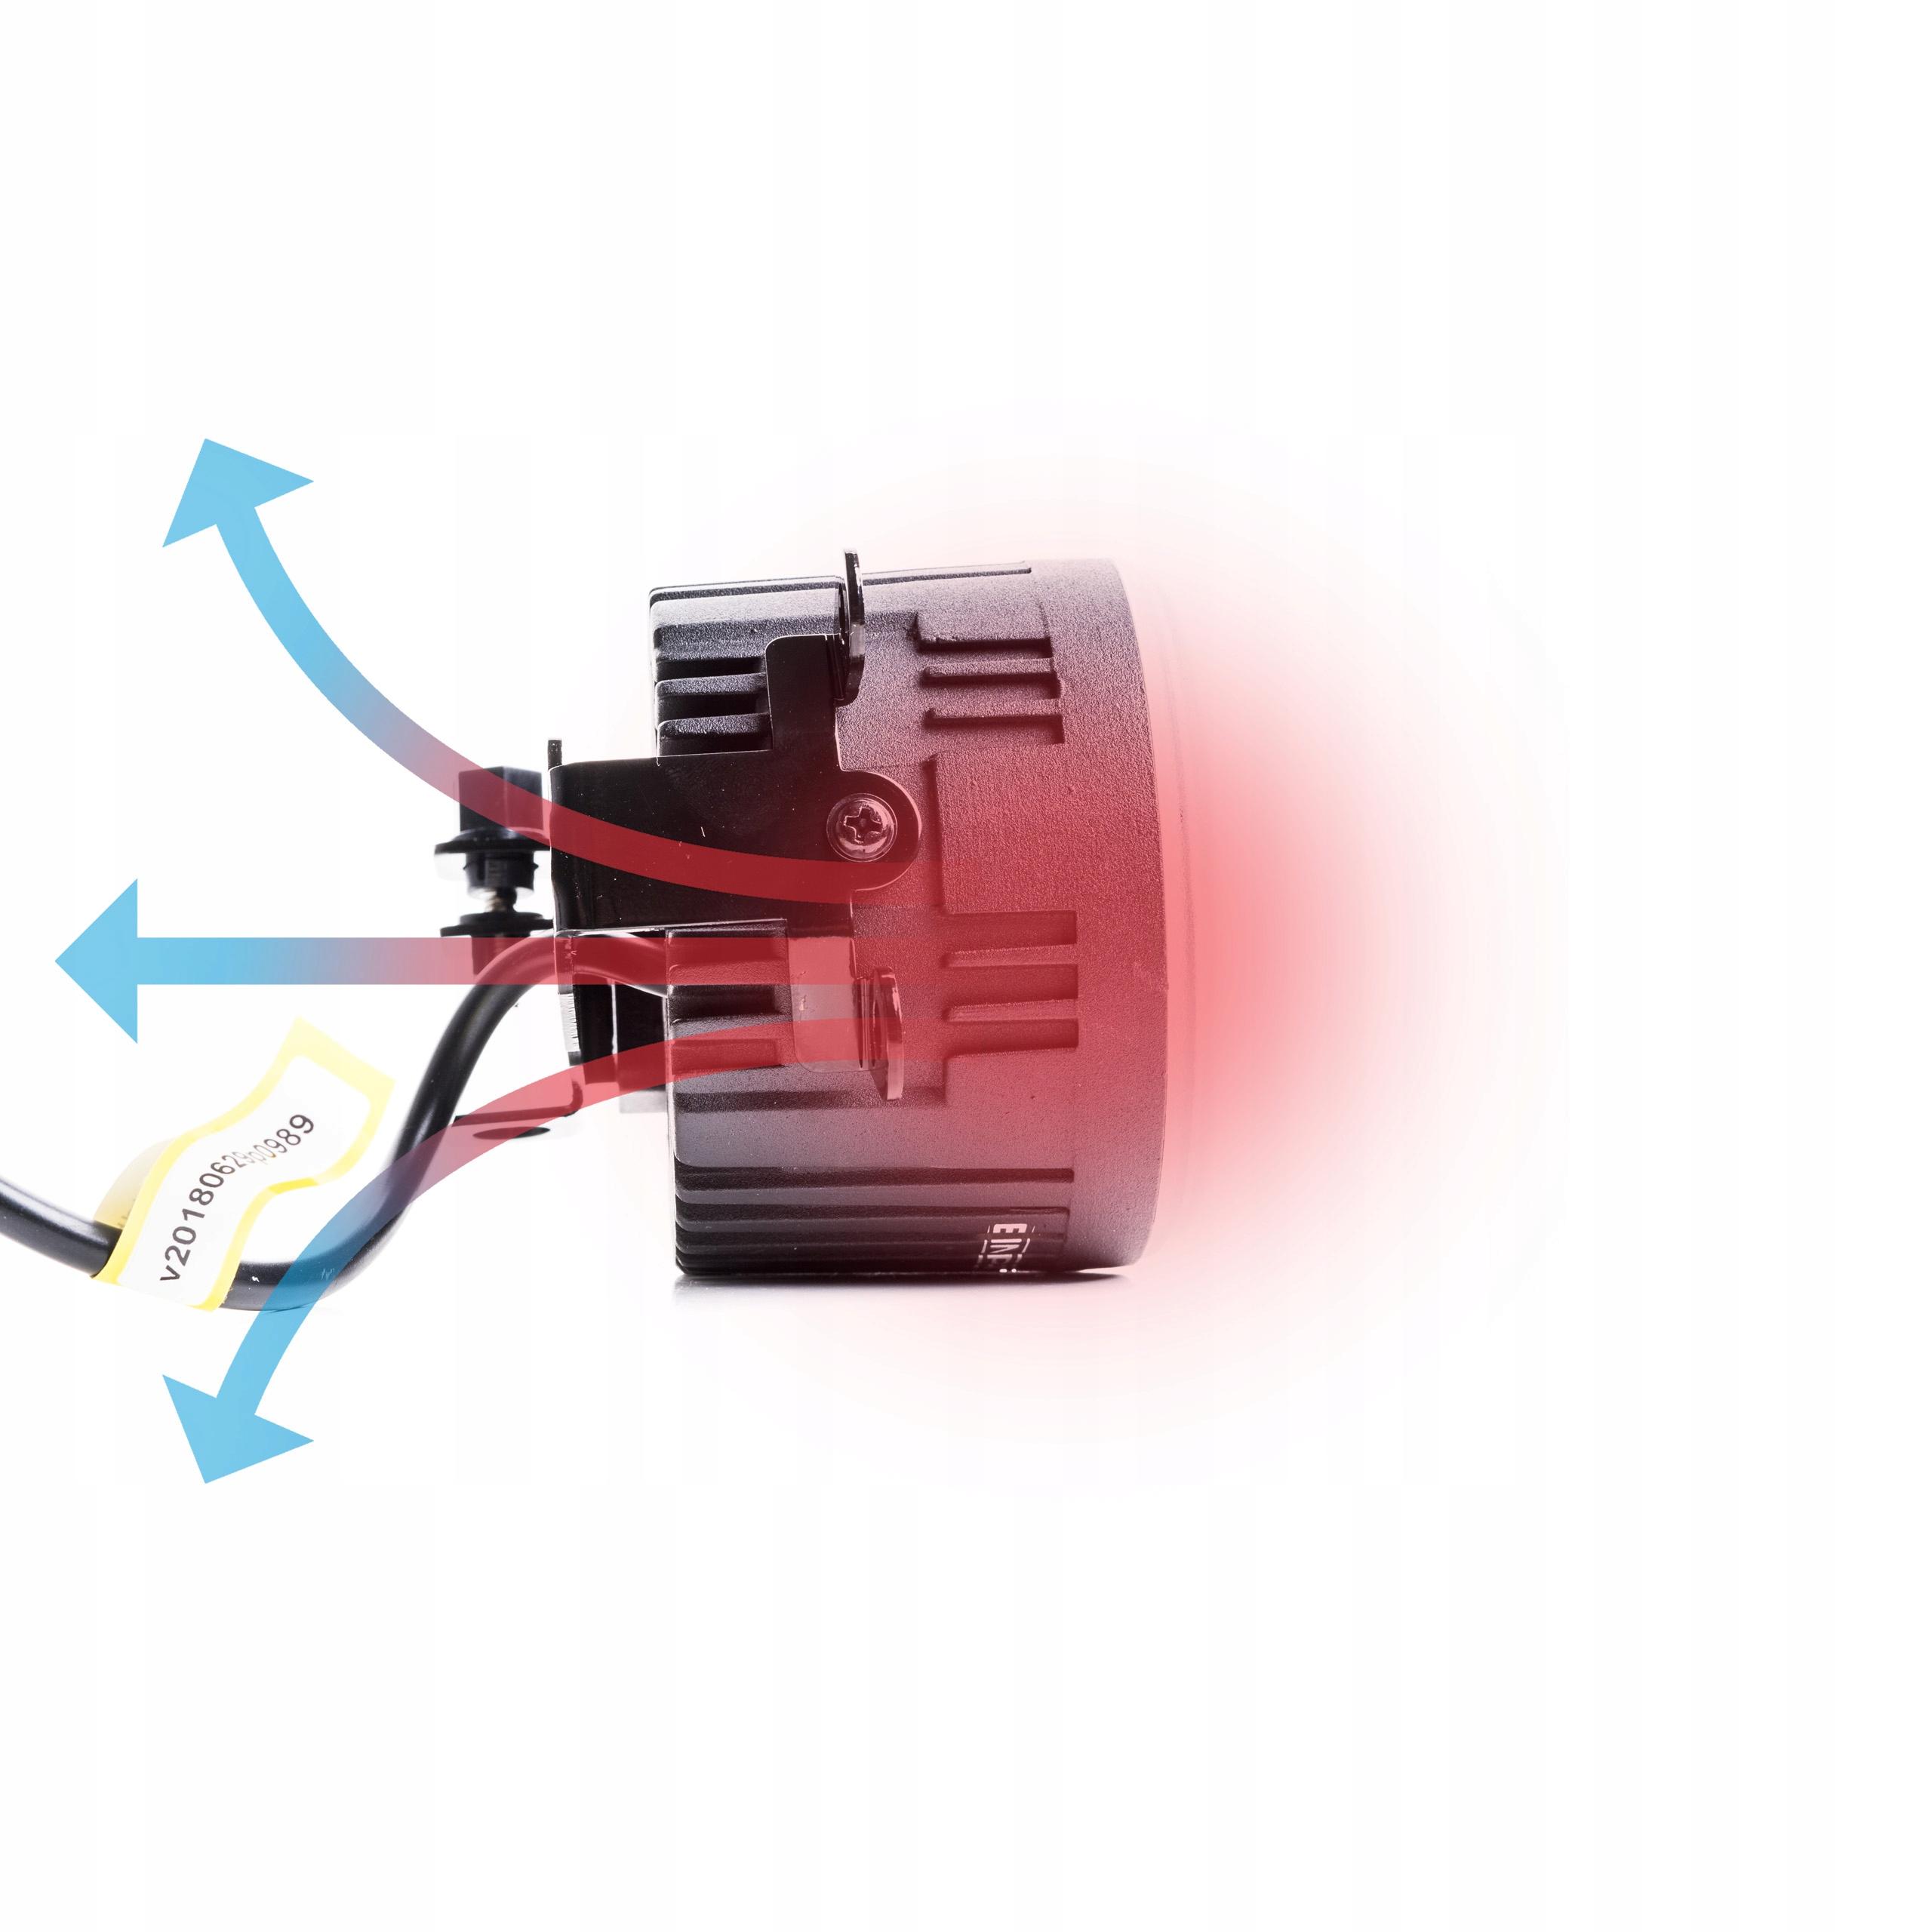 2w1 Światła dzienne okrągłe LED halogeny DUOLIGHT 6